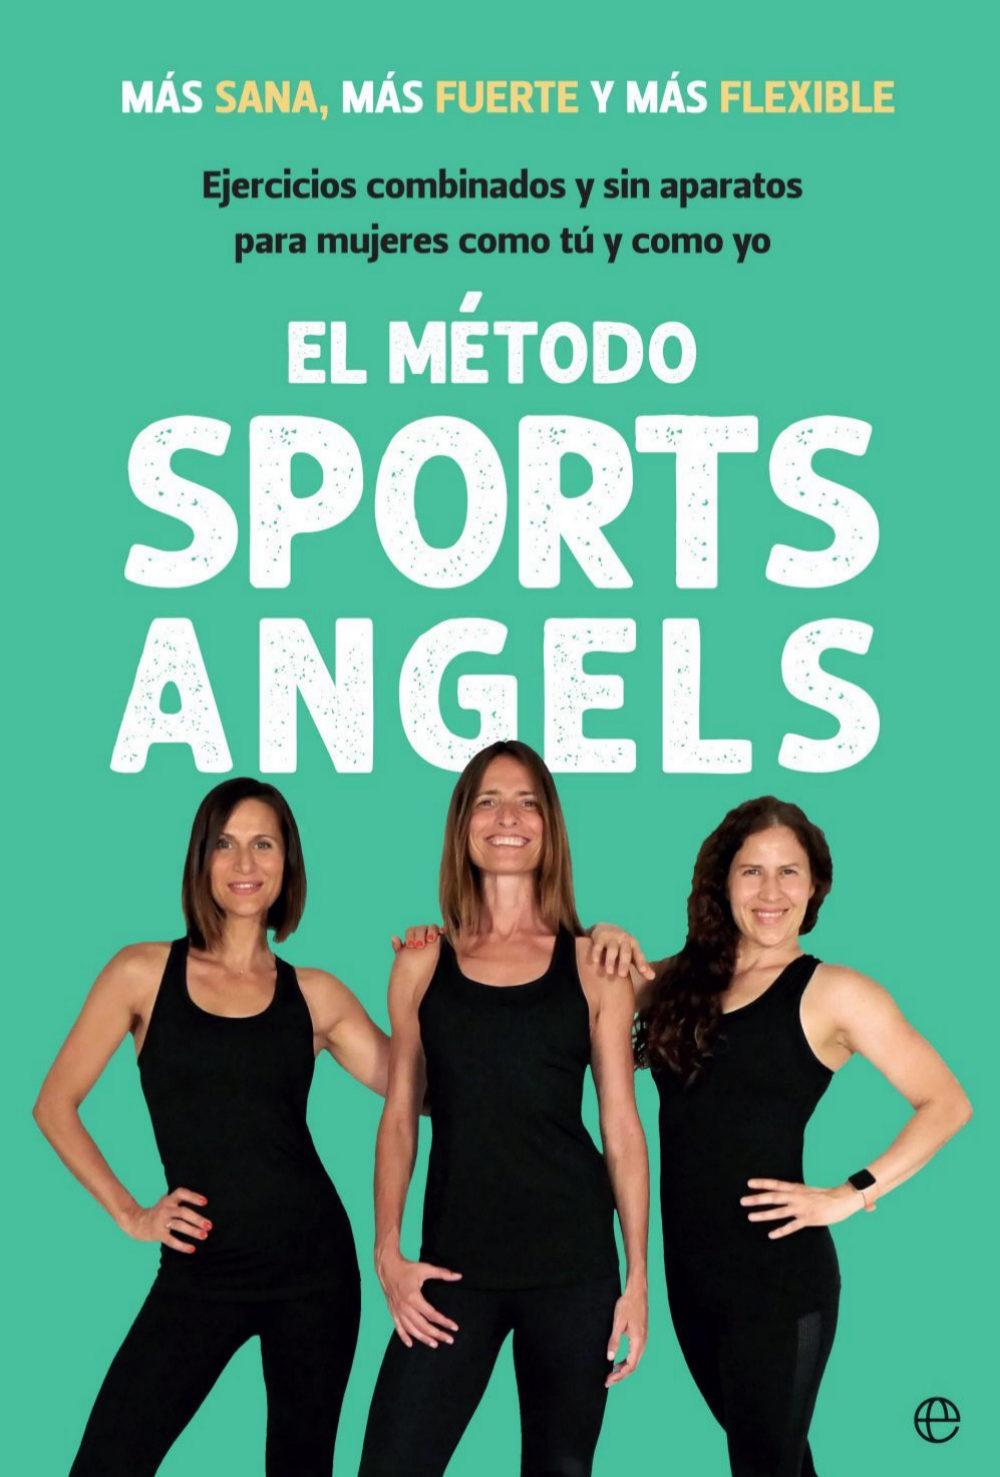 El Método Sport Angels. La esfera de los libros (19,90 ¤ ).